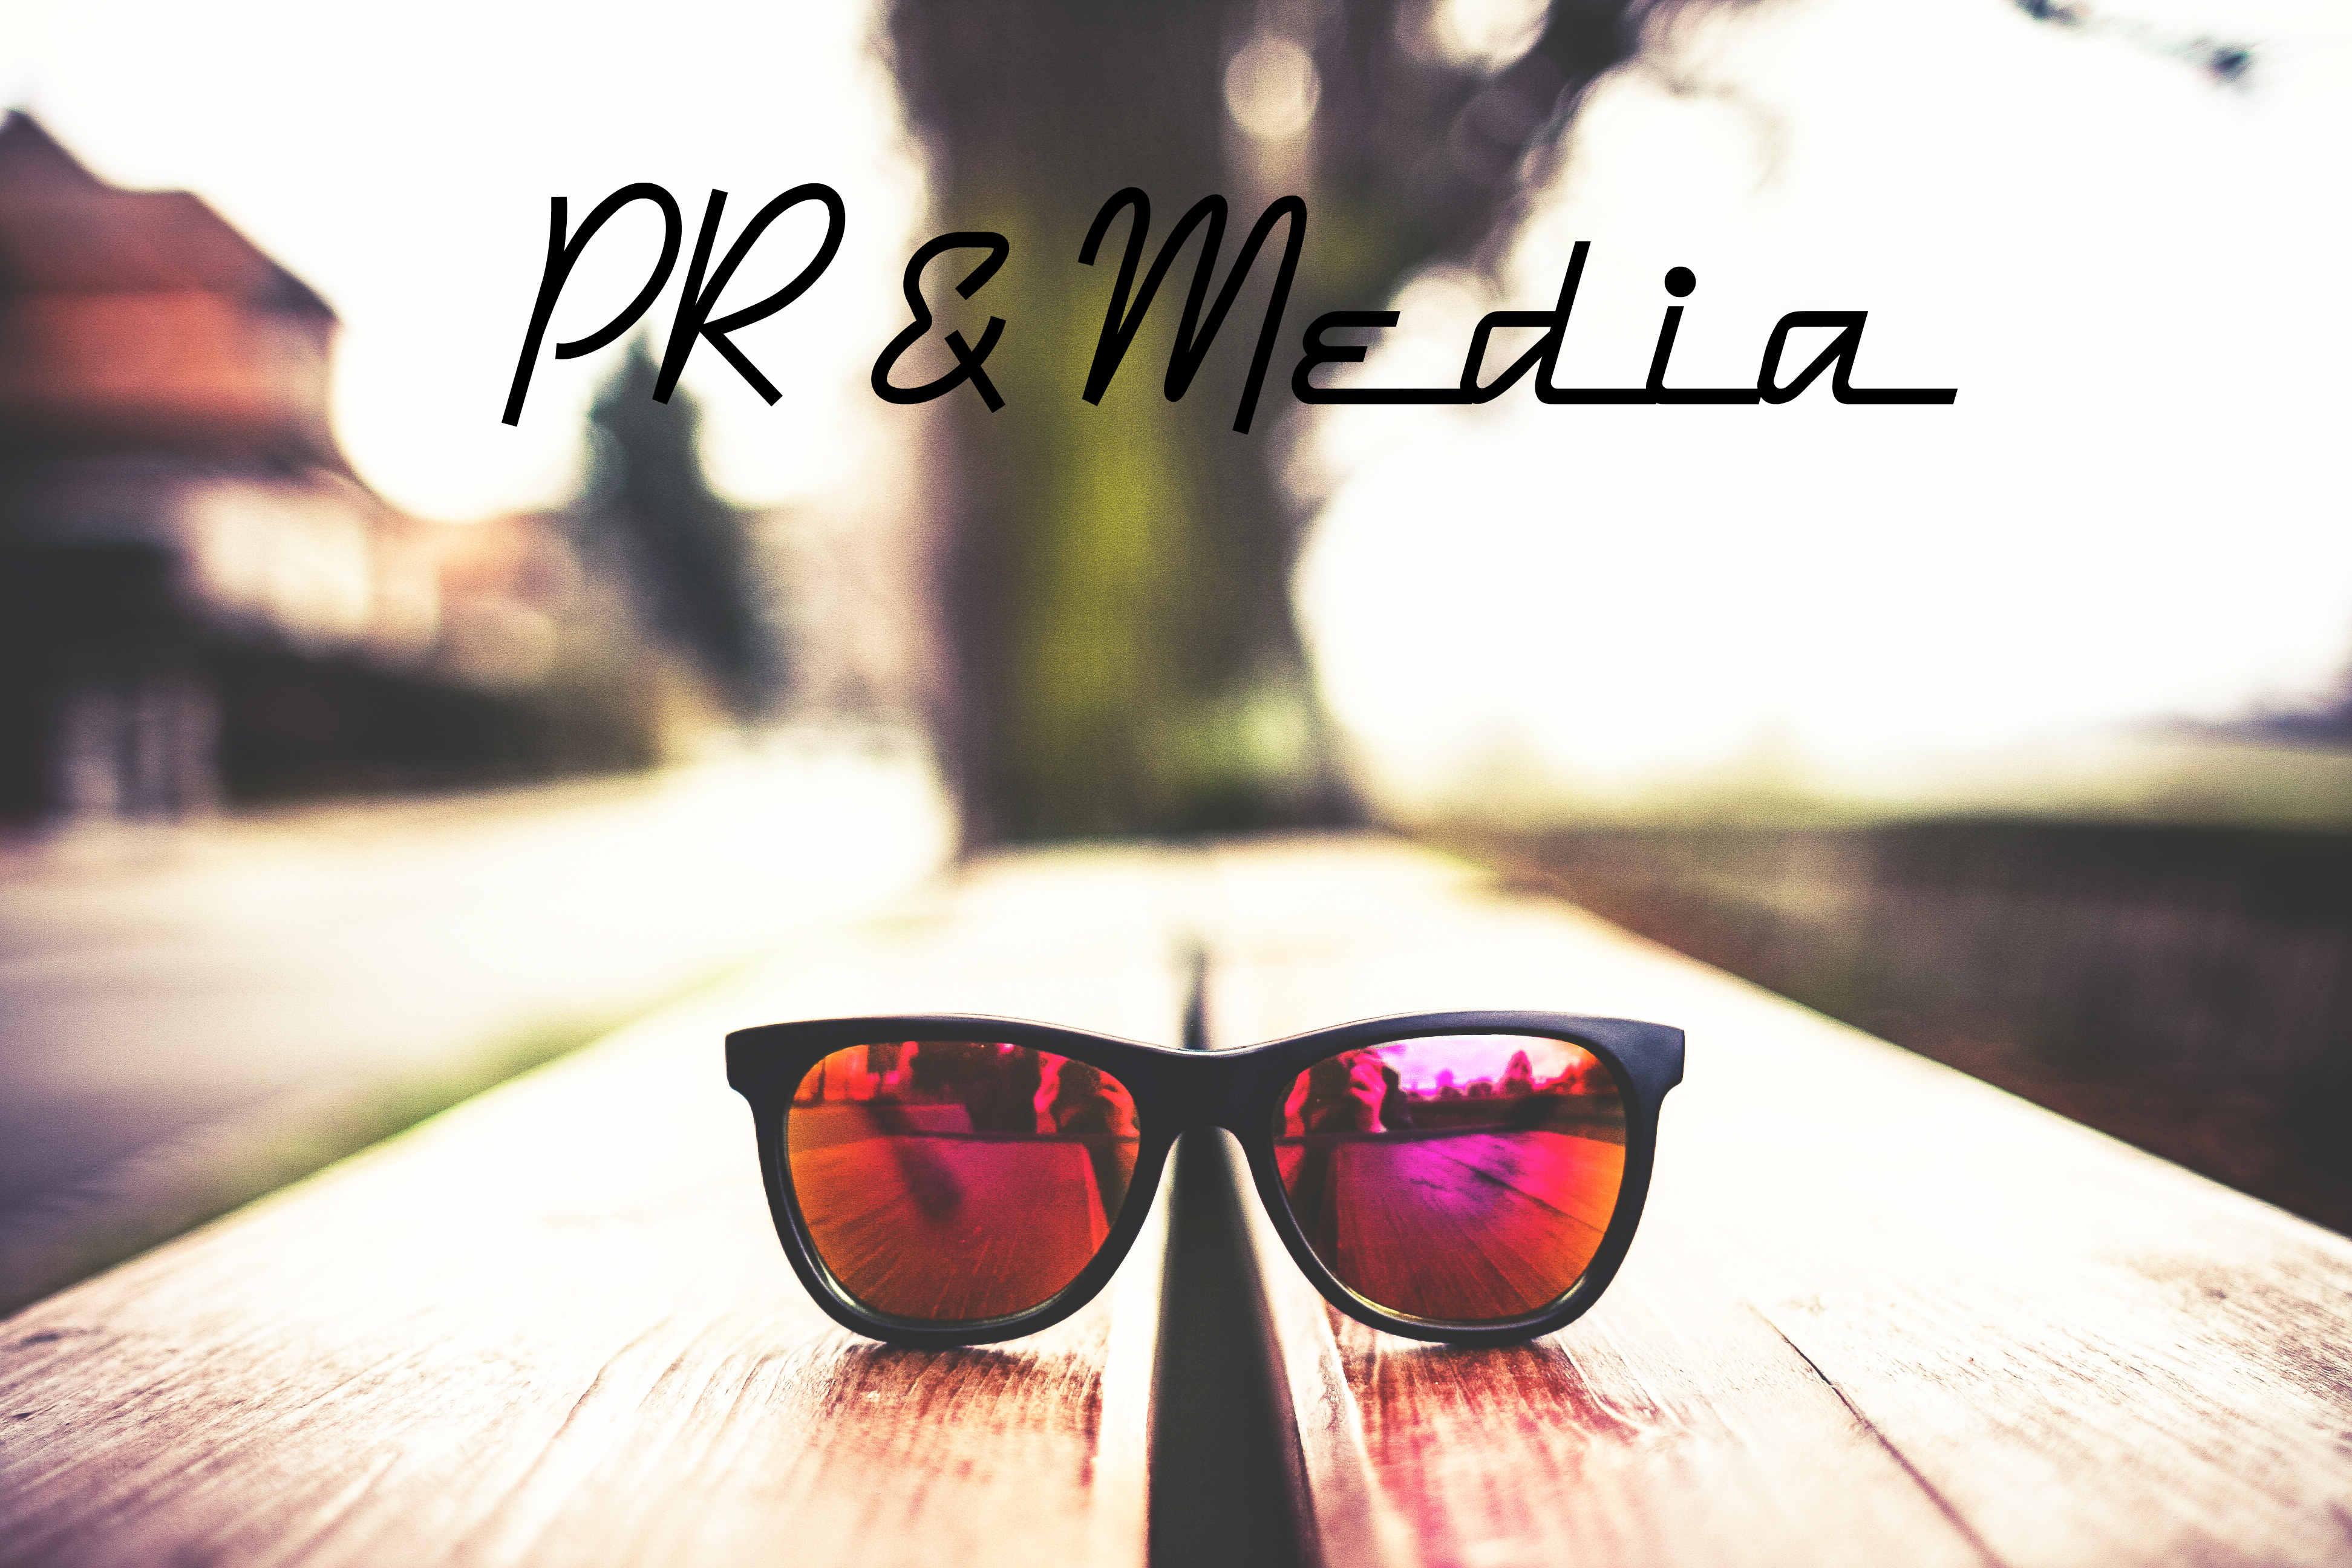 PR & Media